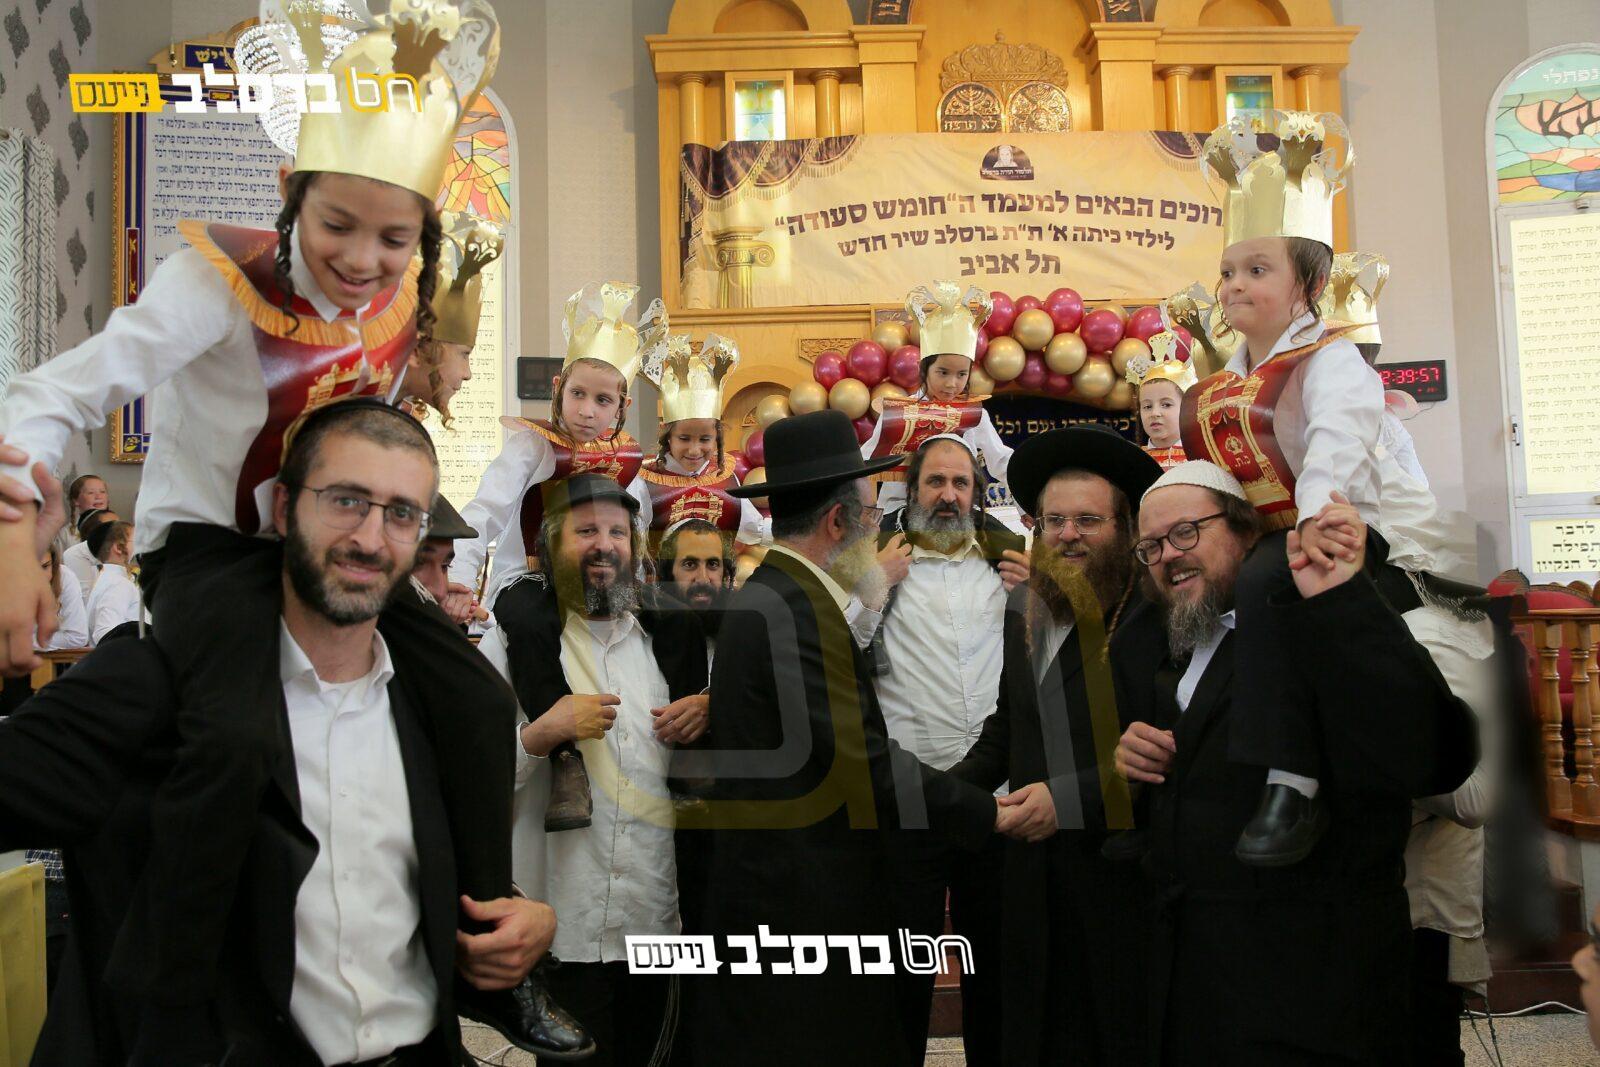 בֶּן חָמֵשׁ לַמִּקְרָא • מעמד 'חומש סעודה' בתלמוד תורה ברסלב 'שיר חדש' בתל אביב